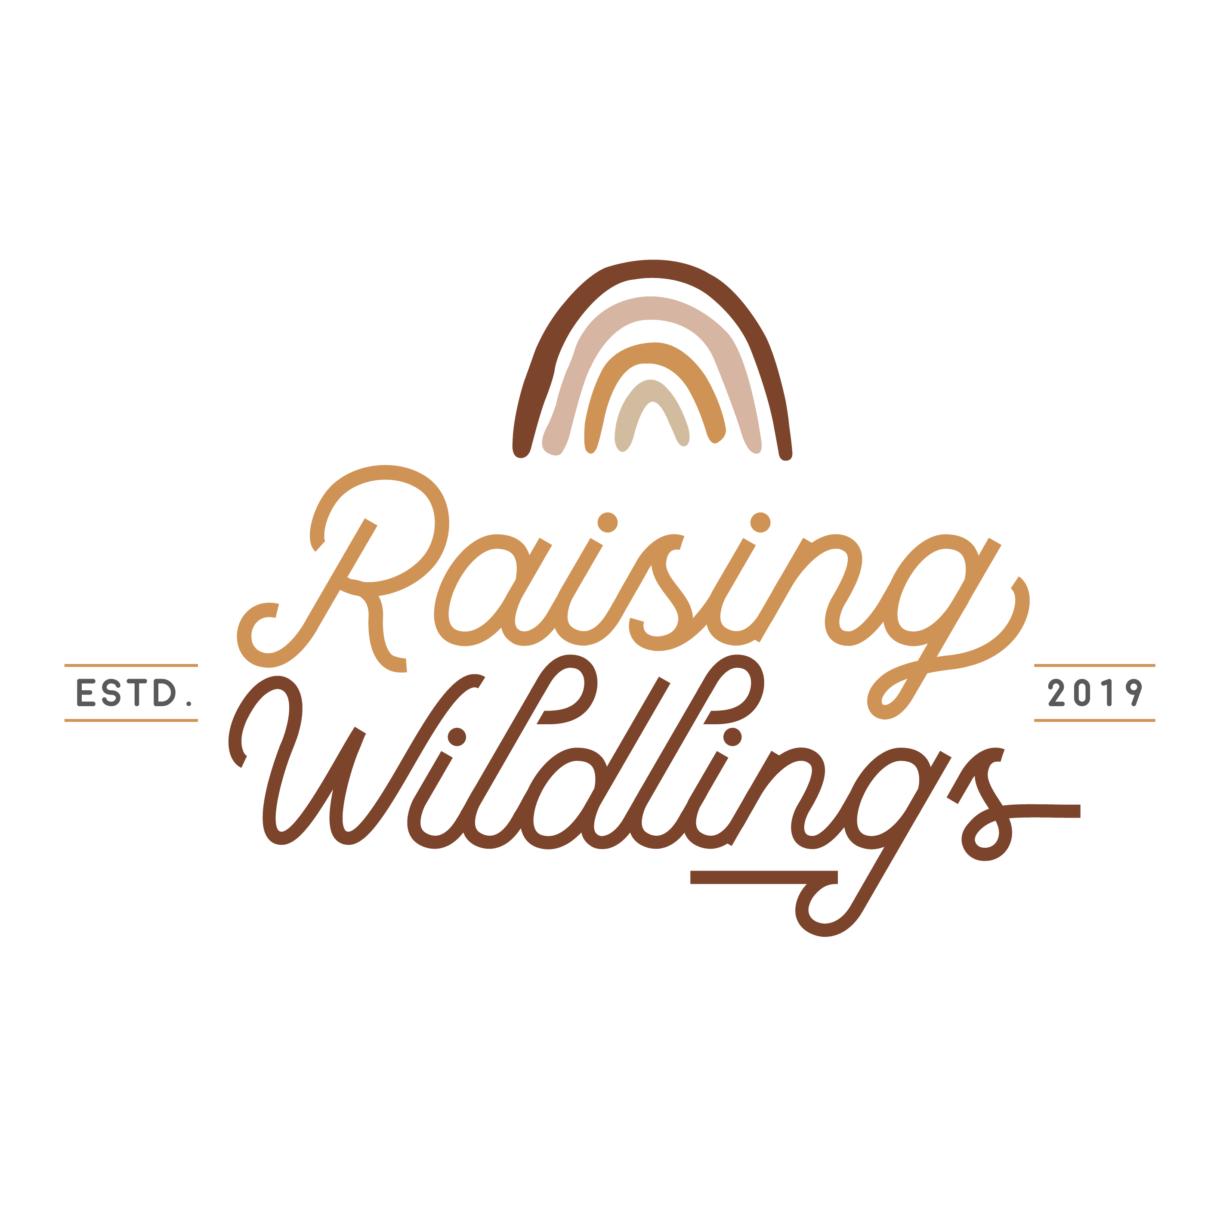 Raising Wildlings